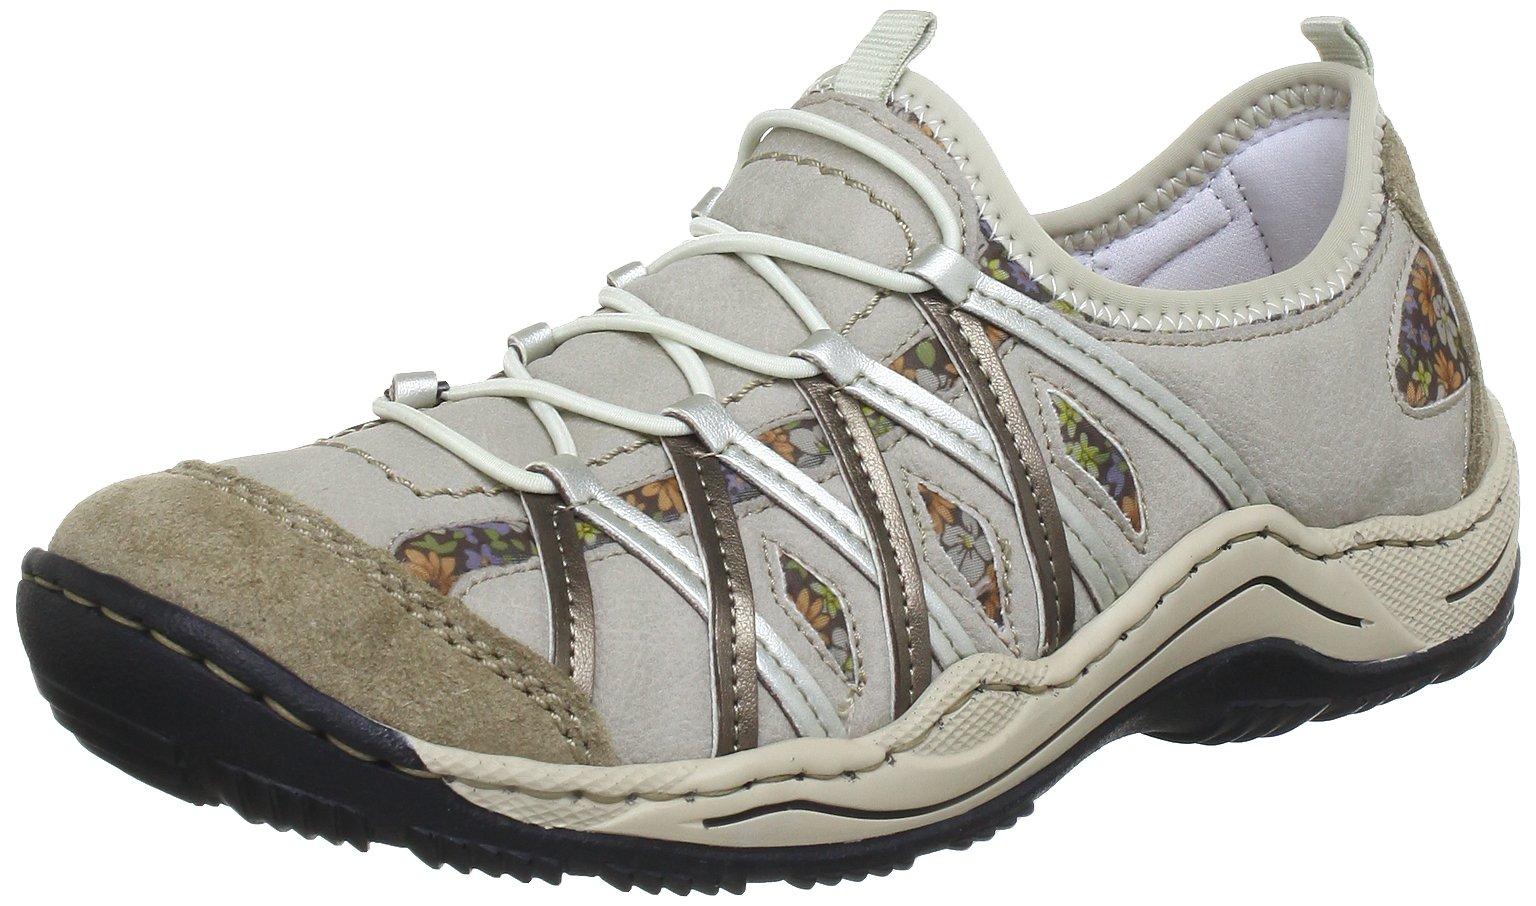 Rieker Women's Boots Klettschuhe Sympatex Amethyst Viol Beige VelourSynthetikTextil Snow Sneakers 39